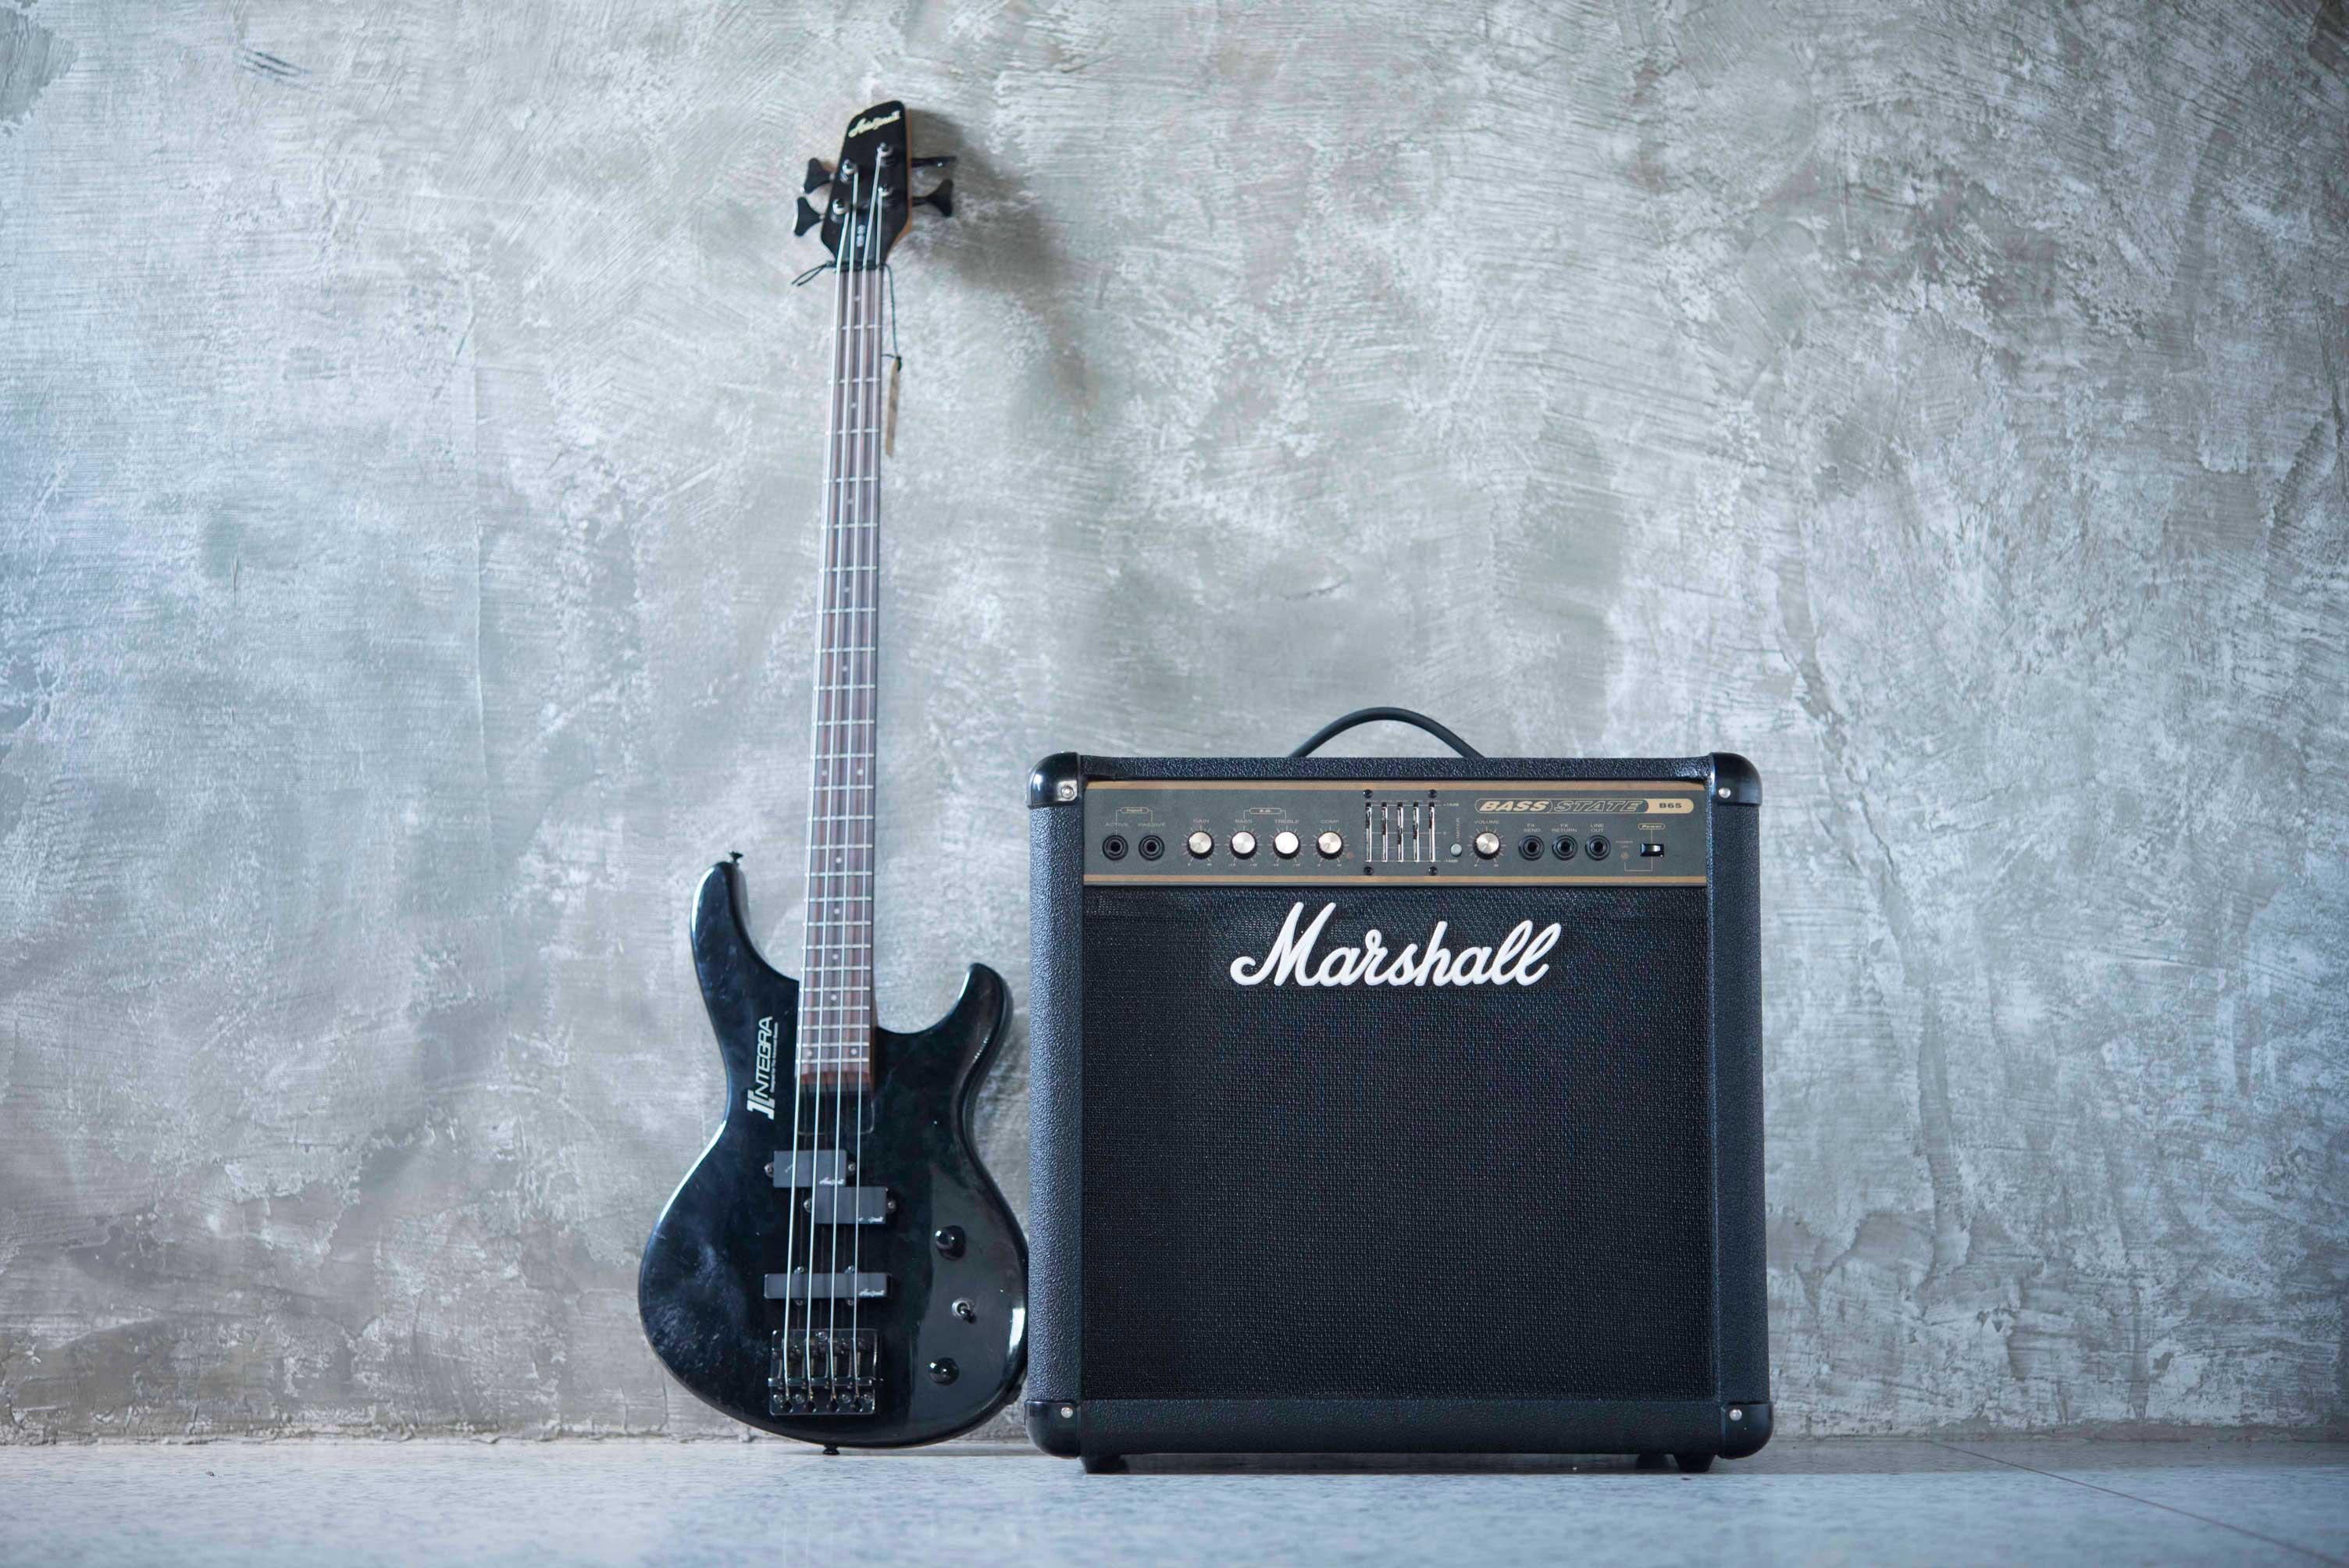 แอมป์เบสไฟฟ้ามือสอง Marshall Bass State B65